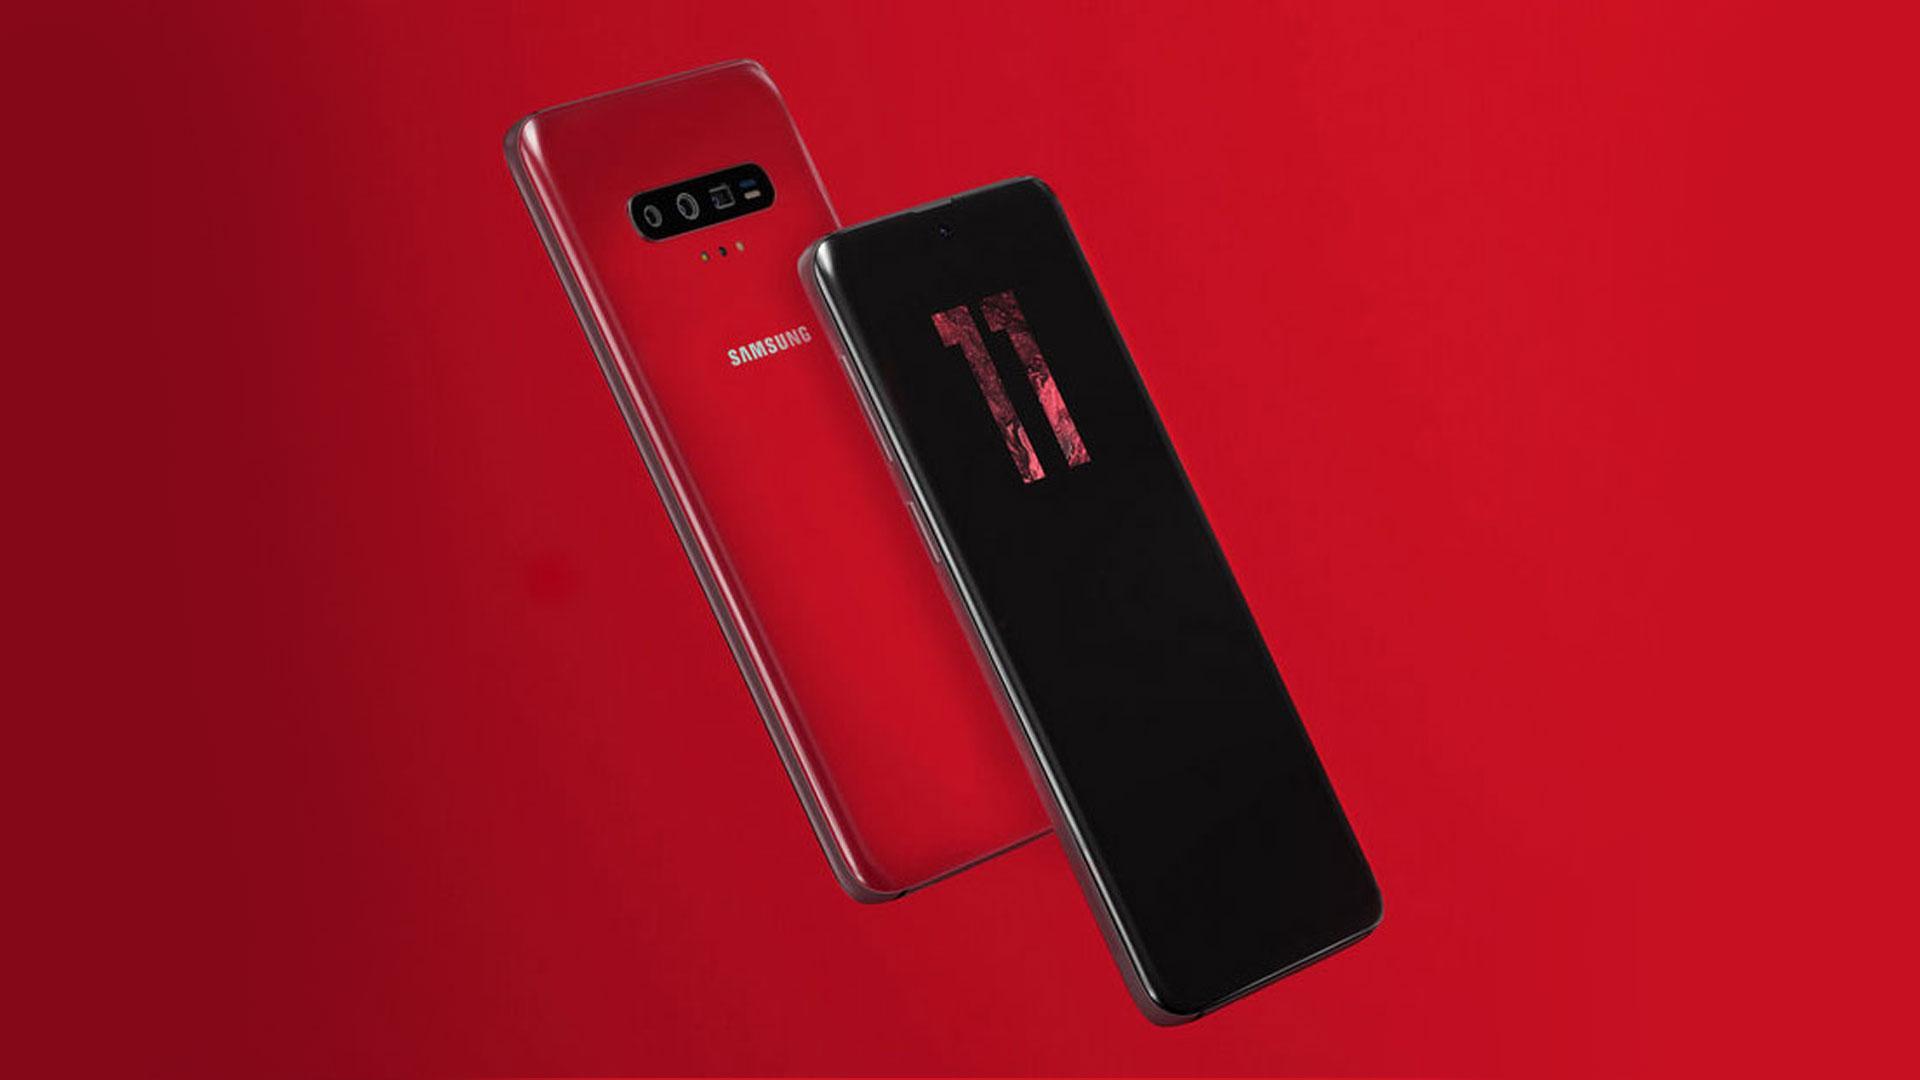 Ser du hvem Samsung kopierer her?